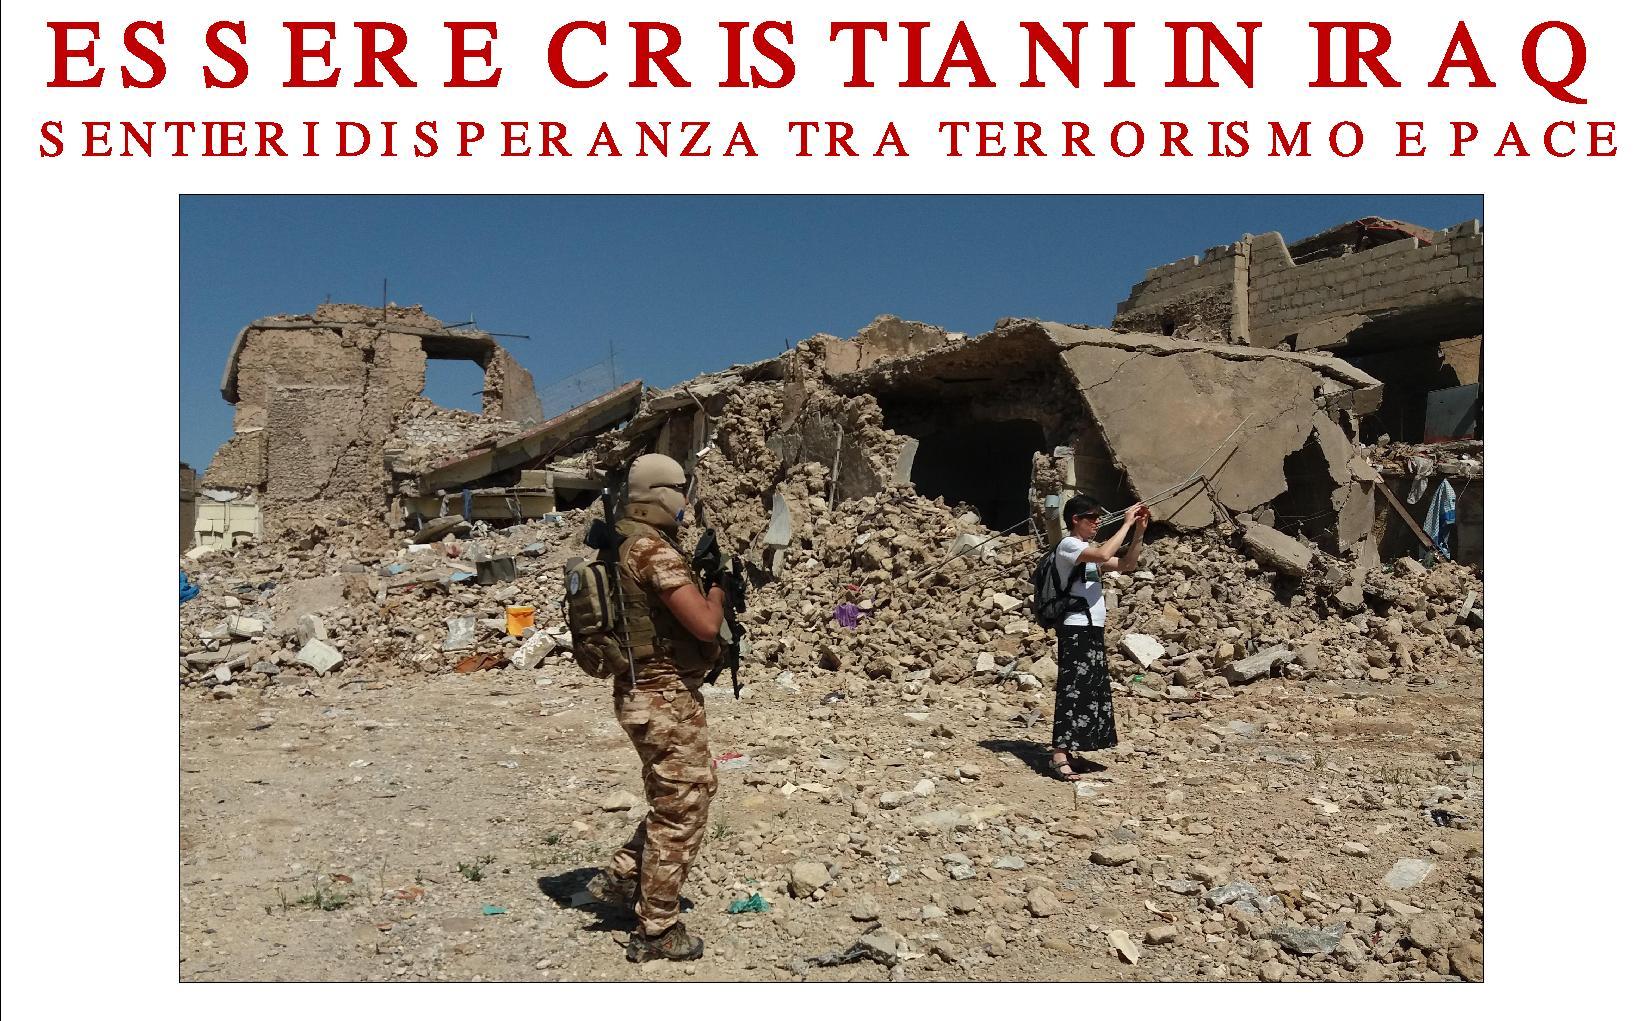 CRISTIANI IN IRAQ